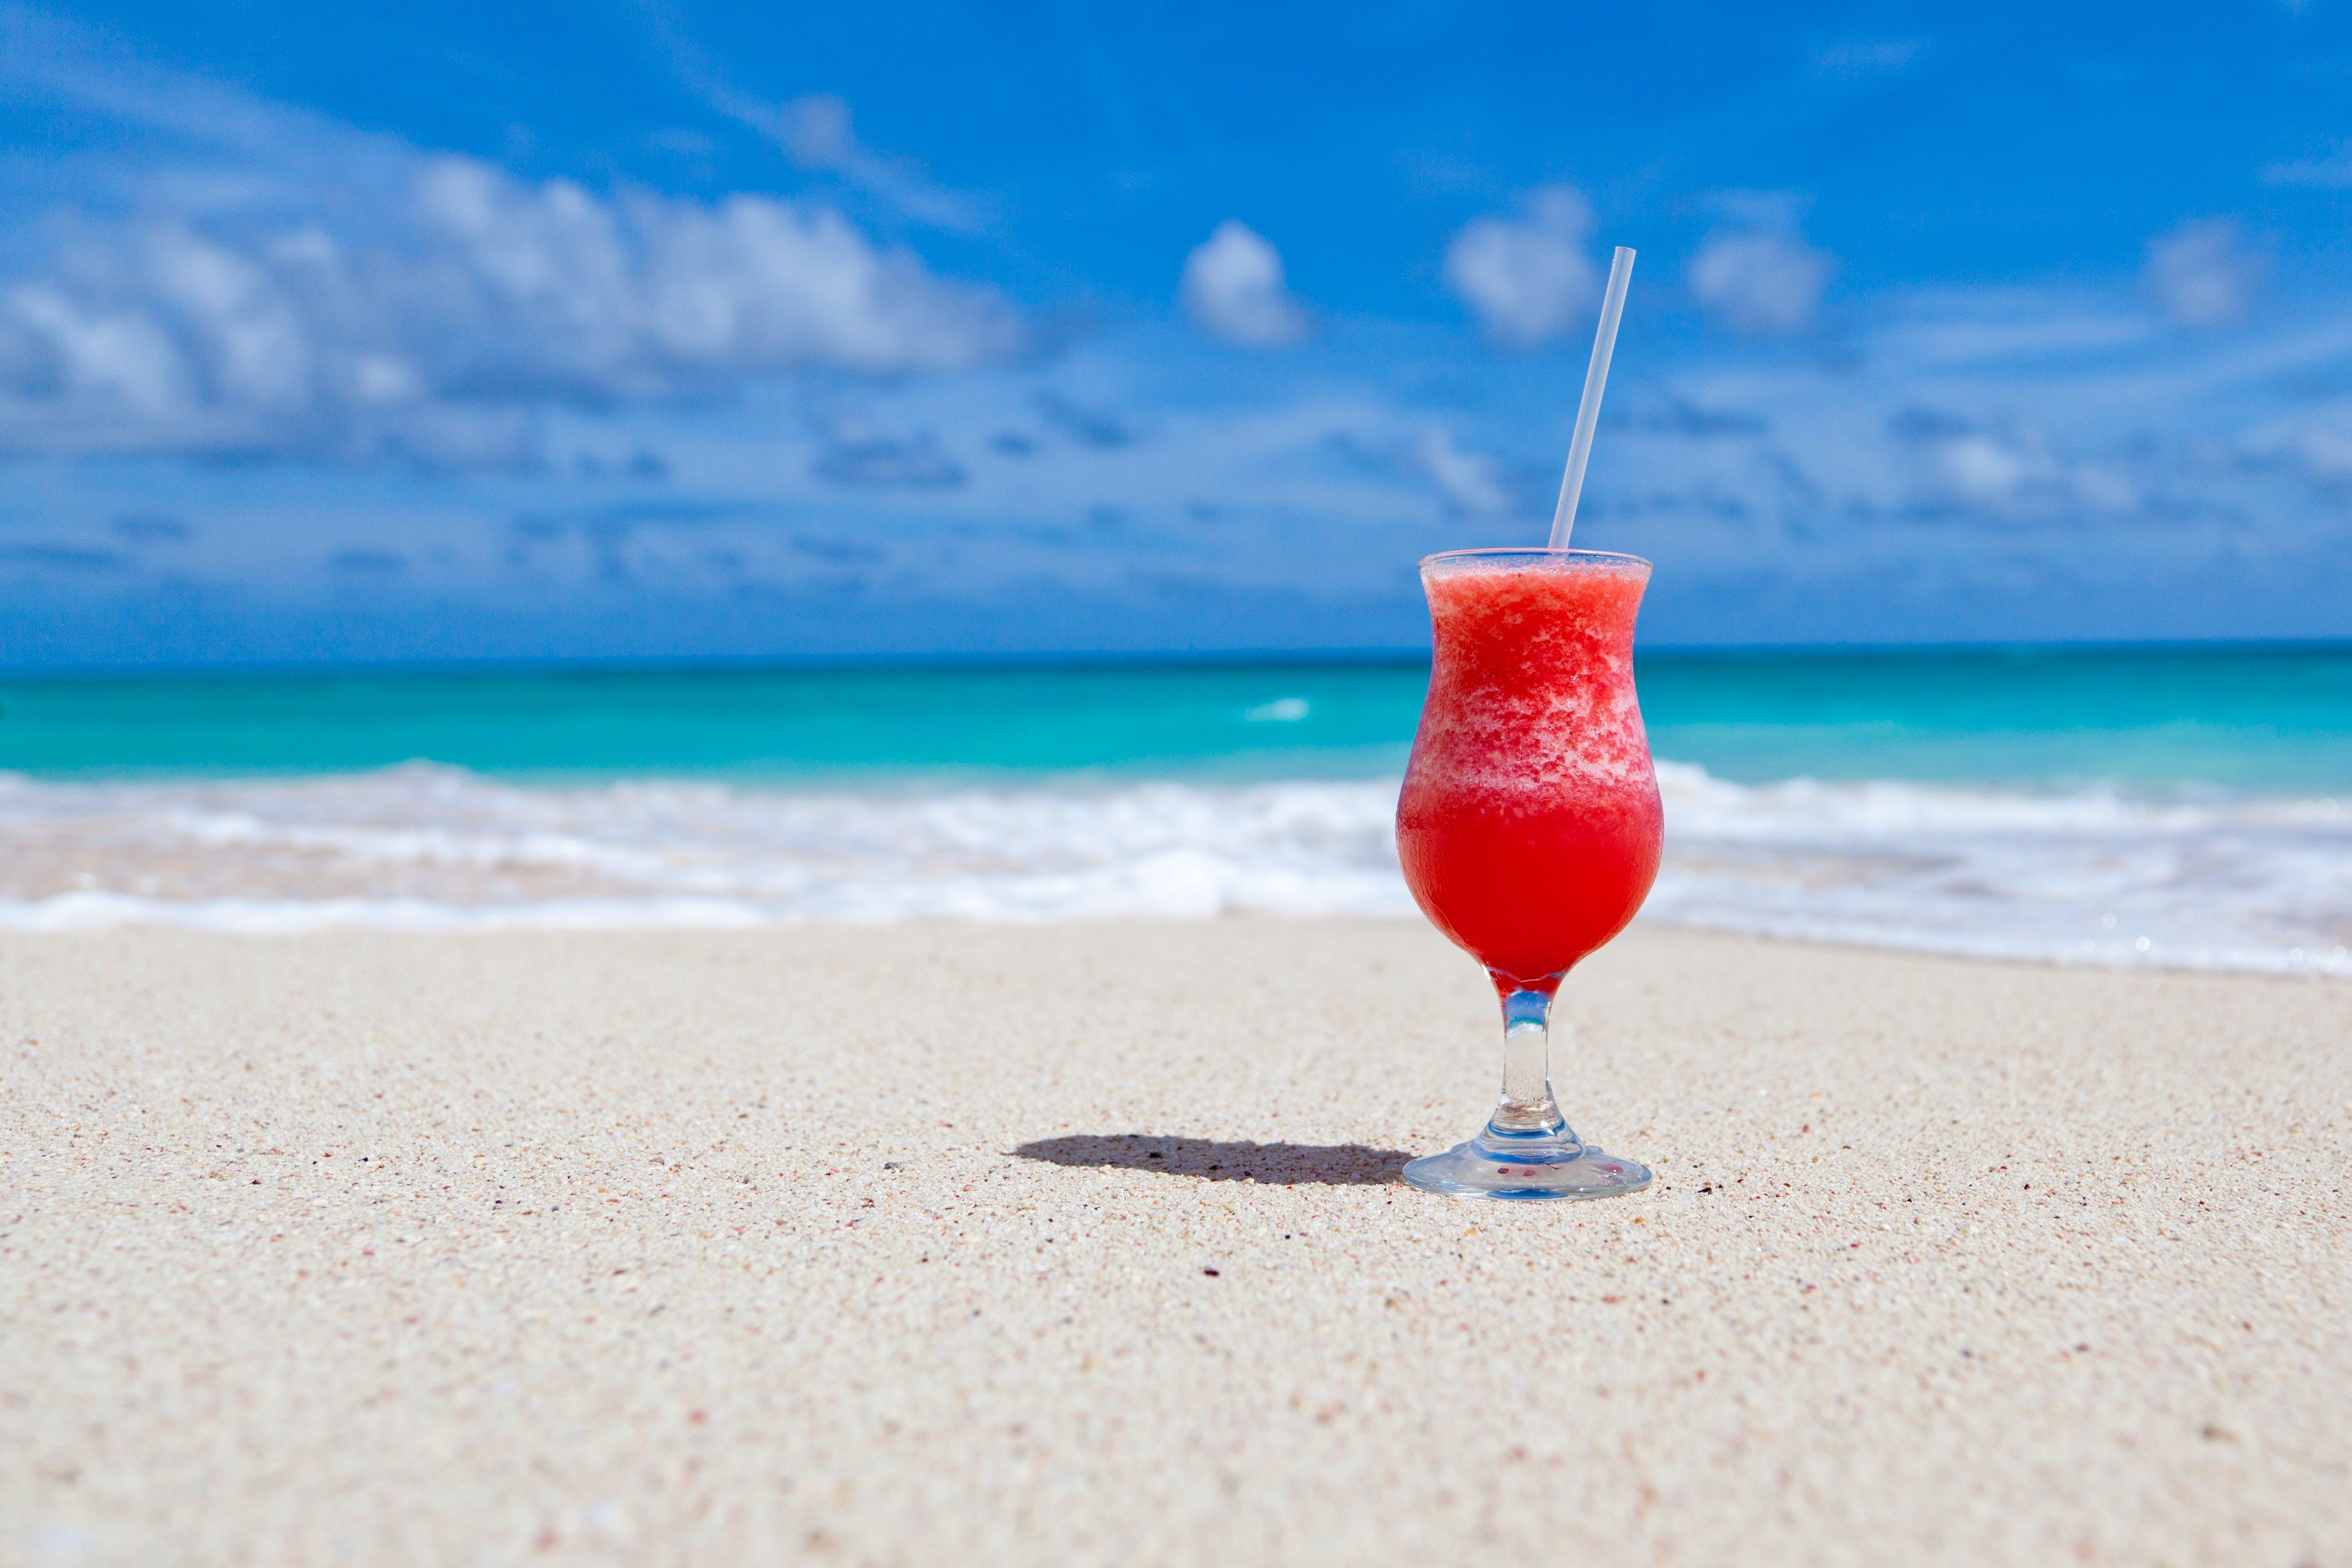 Kostenloses Stock Foto zu cocktail, erfrischung, ferien, frucht